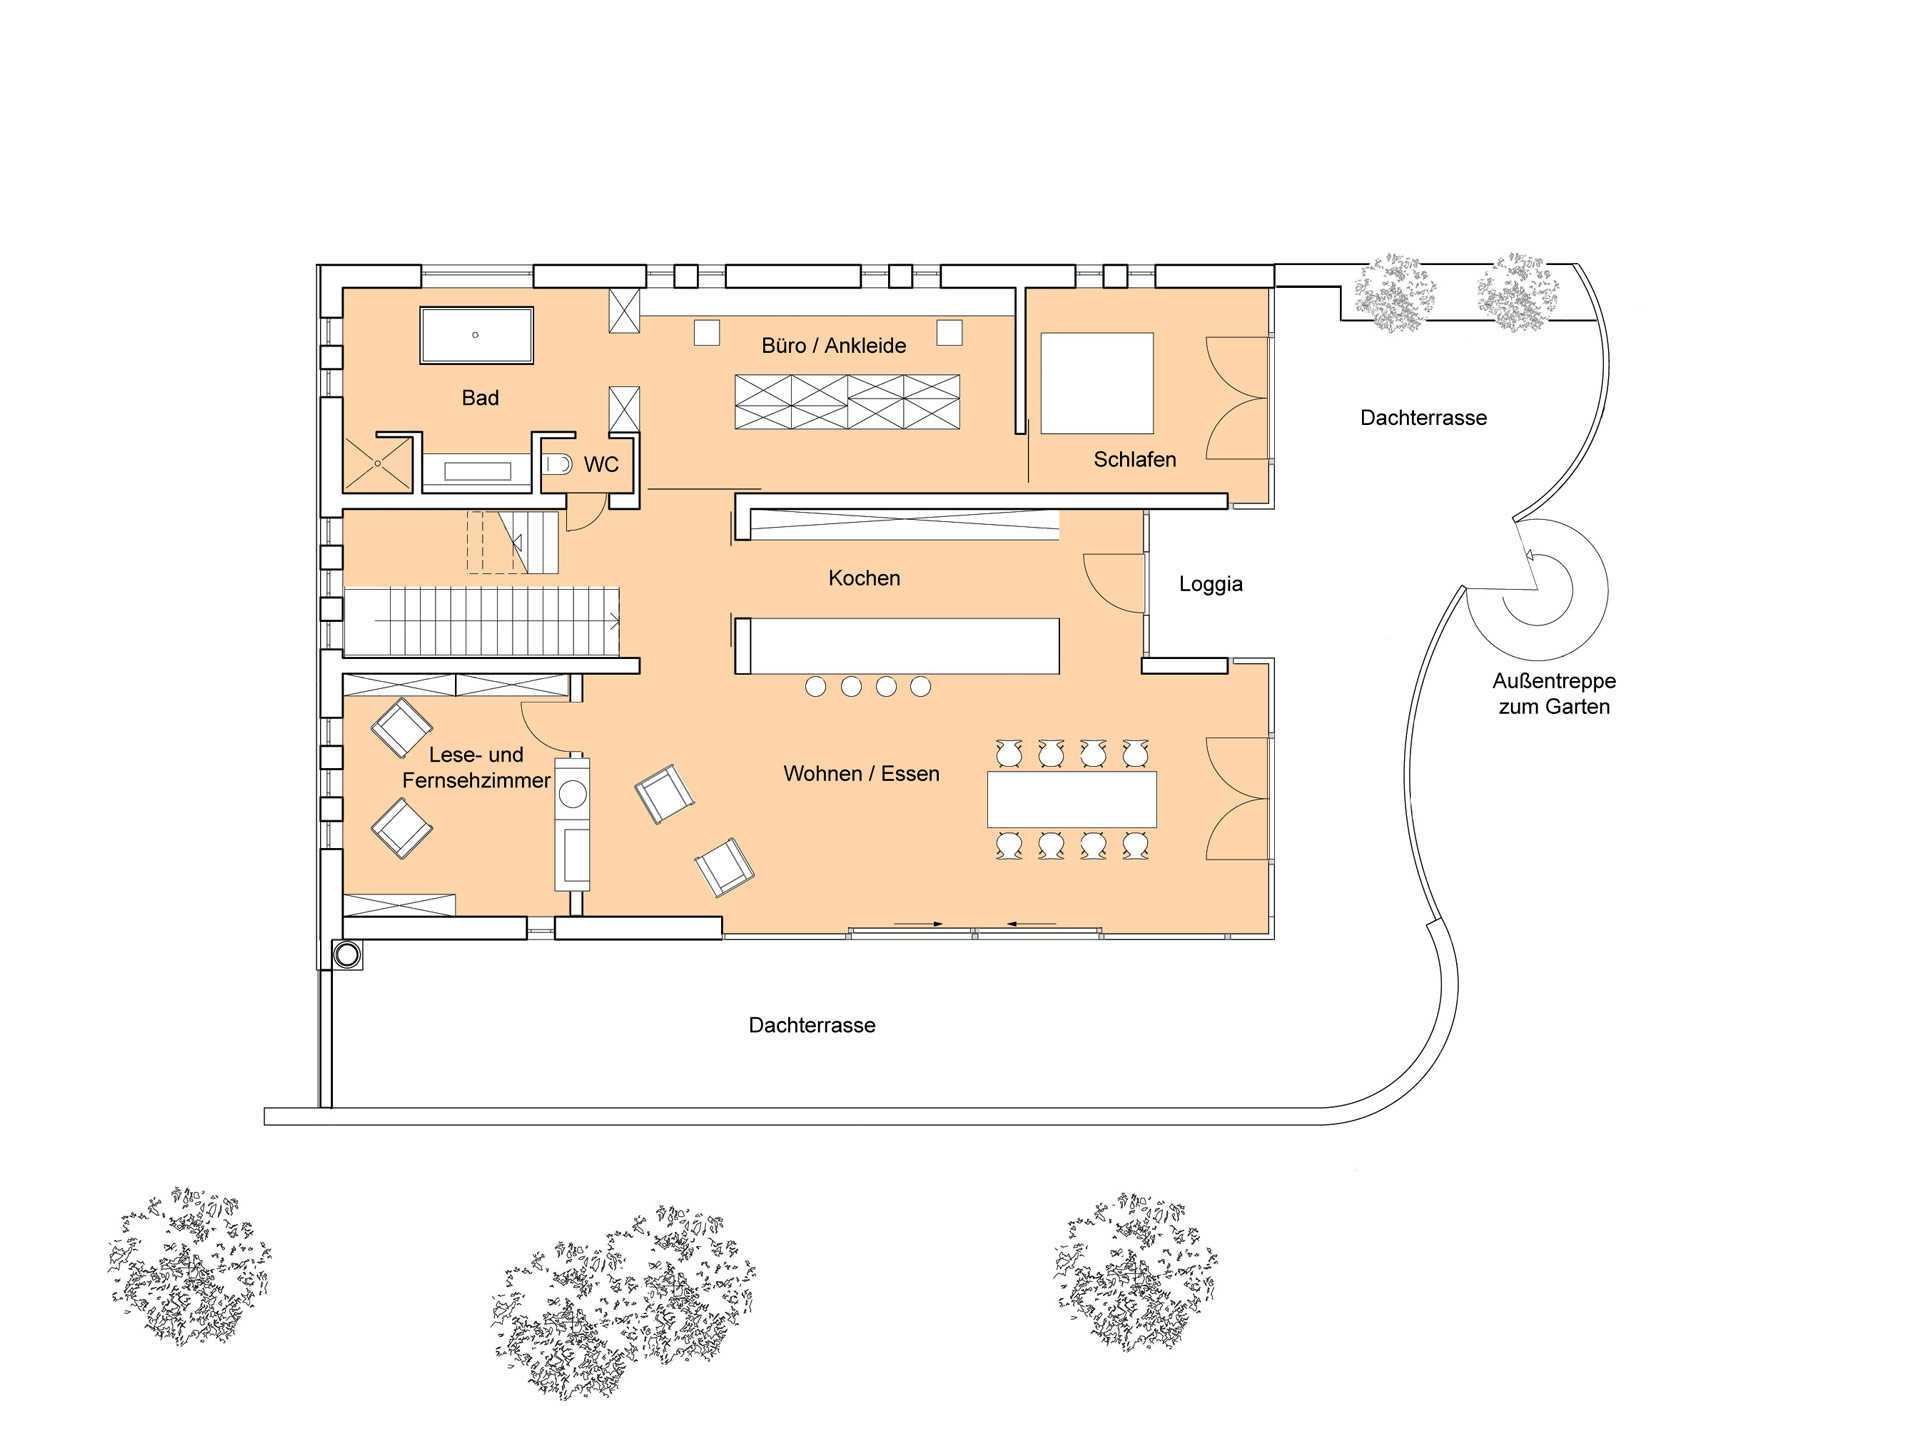 Haus Weitblick - Eine Nahaufnahme eines Geräts - Gebäudeplan